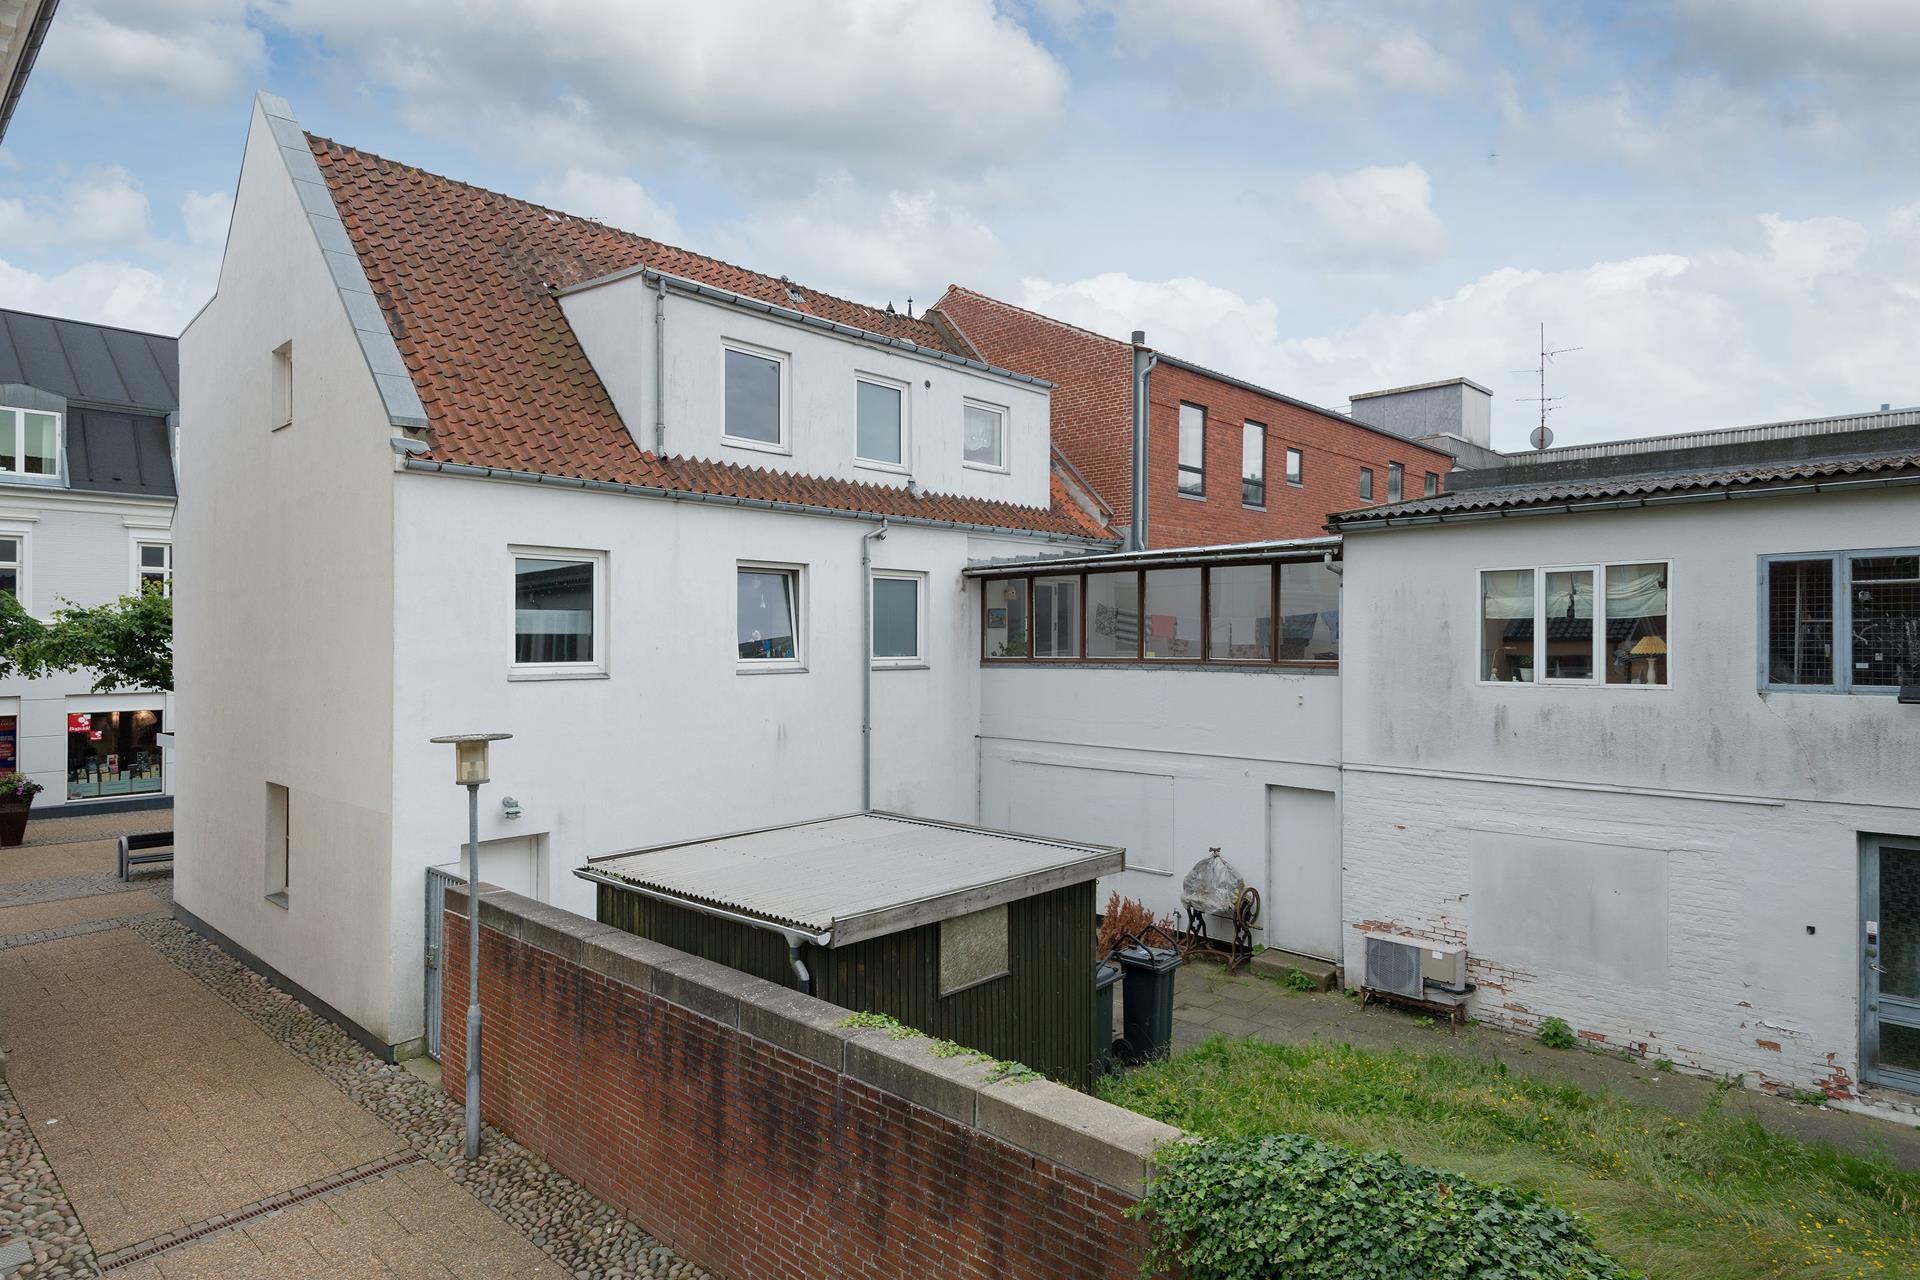 Bolig/erhverv på Danmarksgade i Frederikshavn - Andet